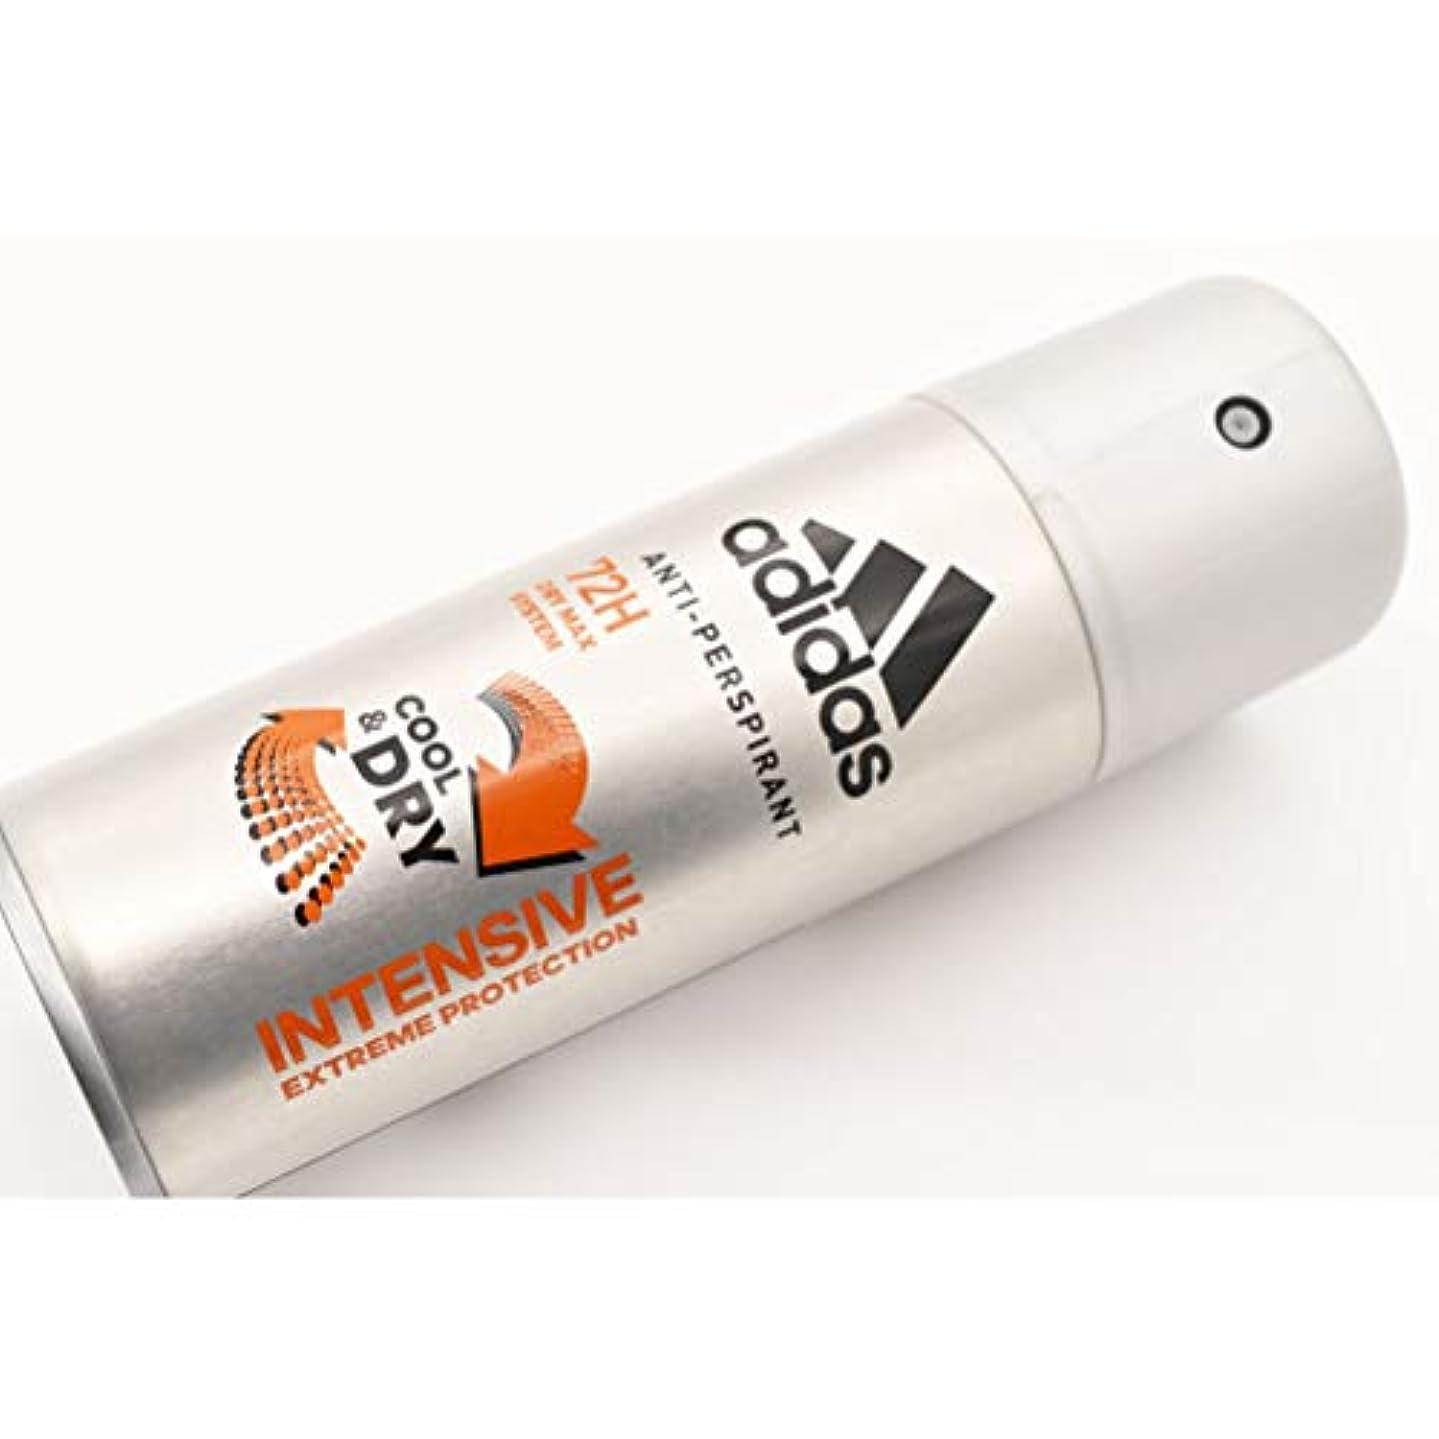 収縮の量ミトンadidas DEO BODY SPRAY 150ml COOL&DRY INTENSIVE EXTREME PROTECTION 72H アディダス デオドラント ボディースプレー 150ml クール&ドライ インテンシブエクストリーム...